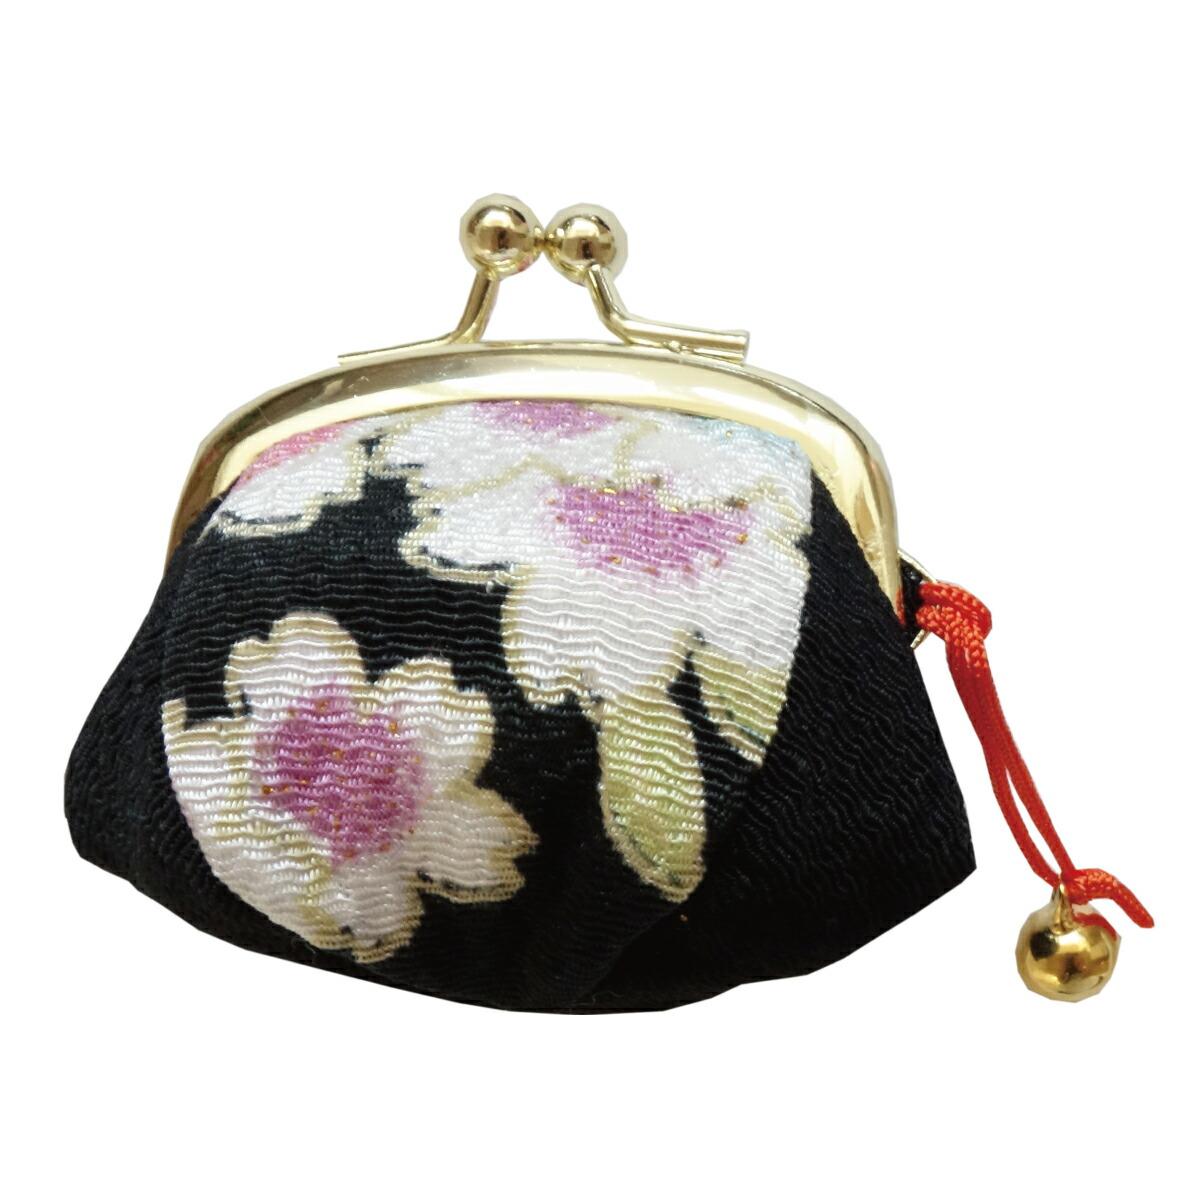 【がま口】指輪差し付・財布/小銭入れ ミニサイズ小鈴付<三色桜>黒